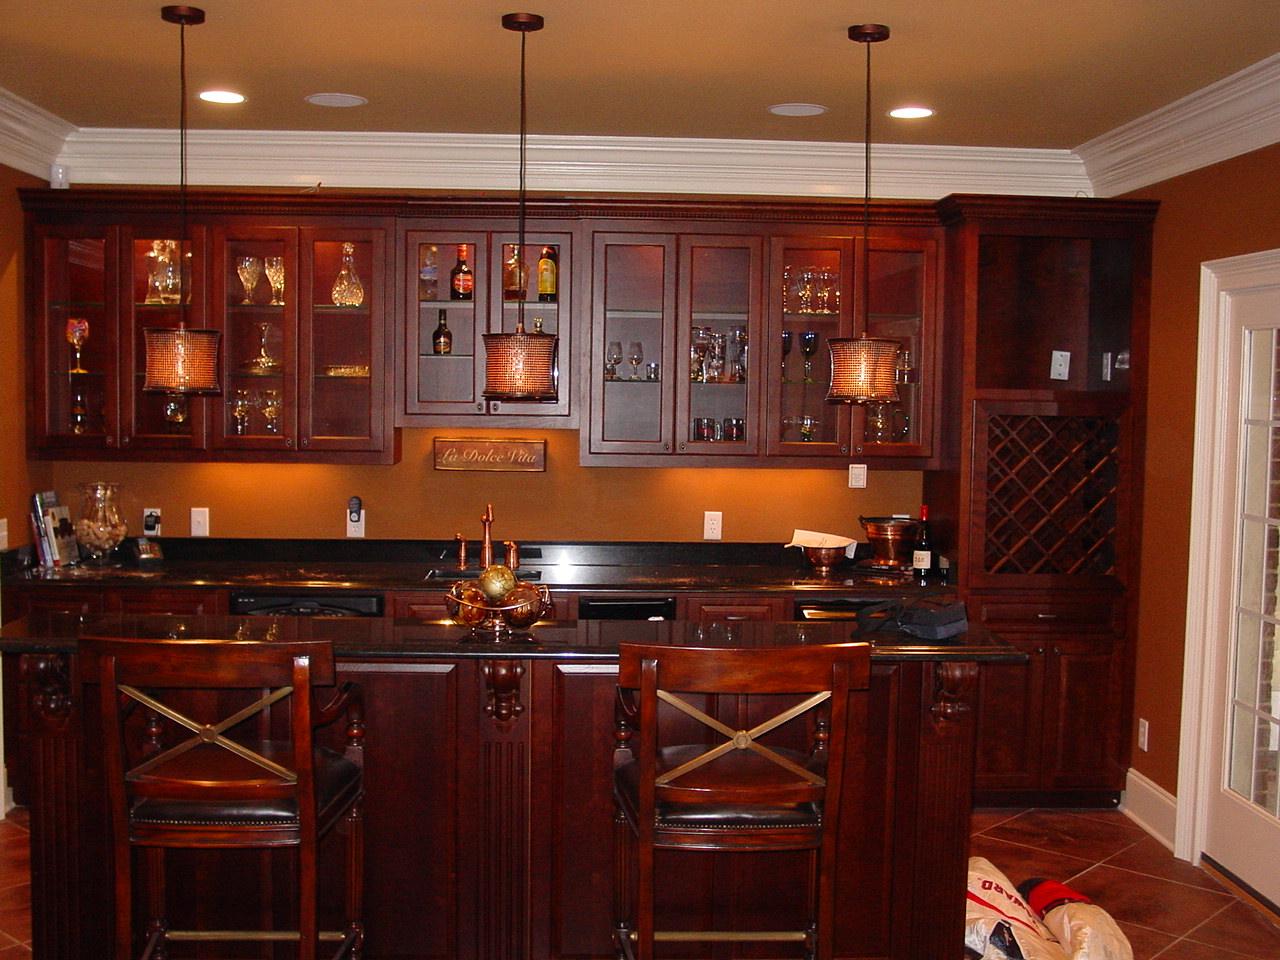 Pics for custom residential bars - Residential bars ...